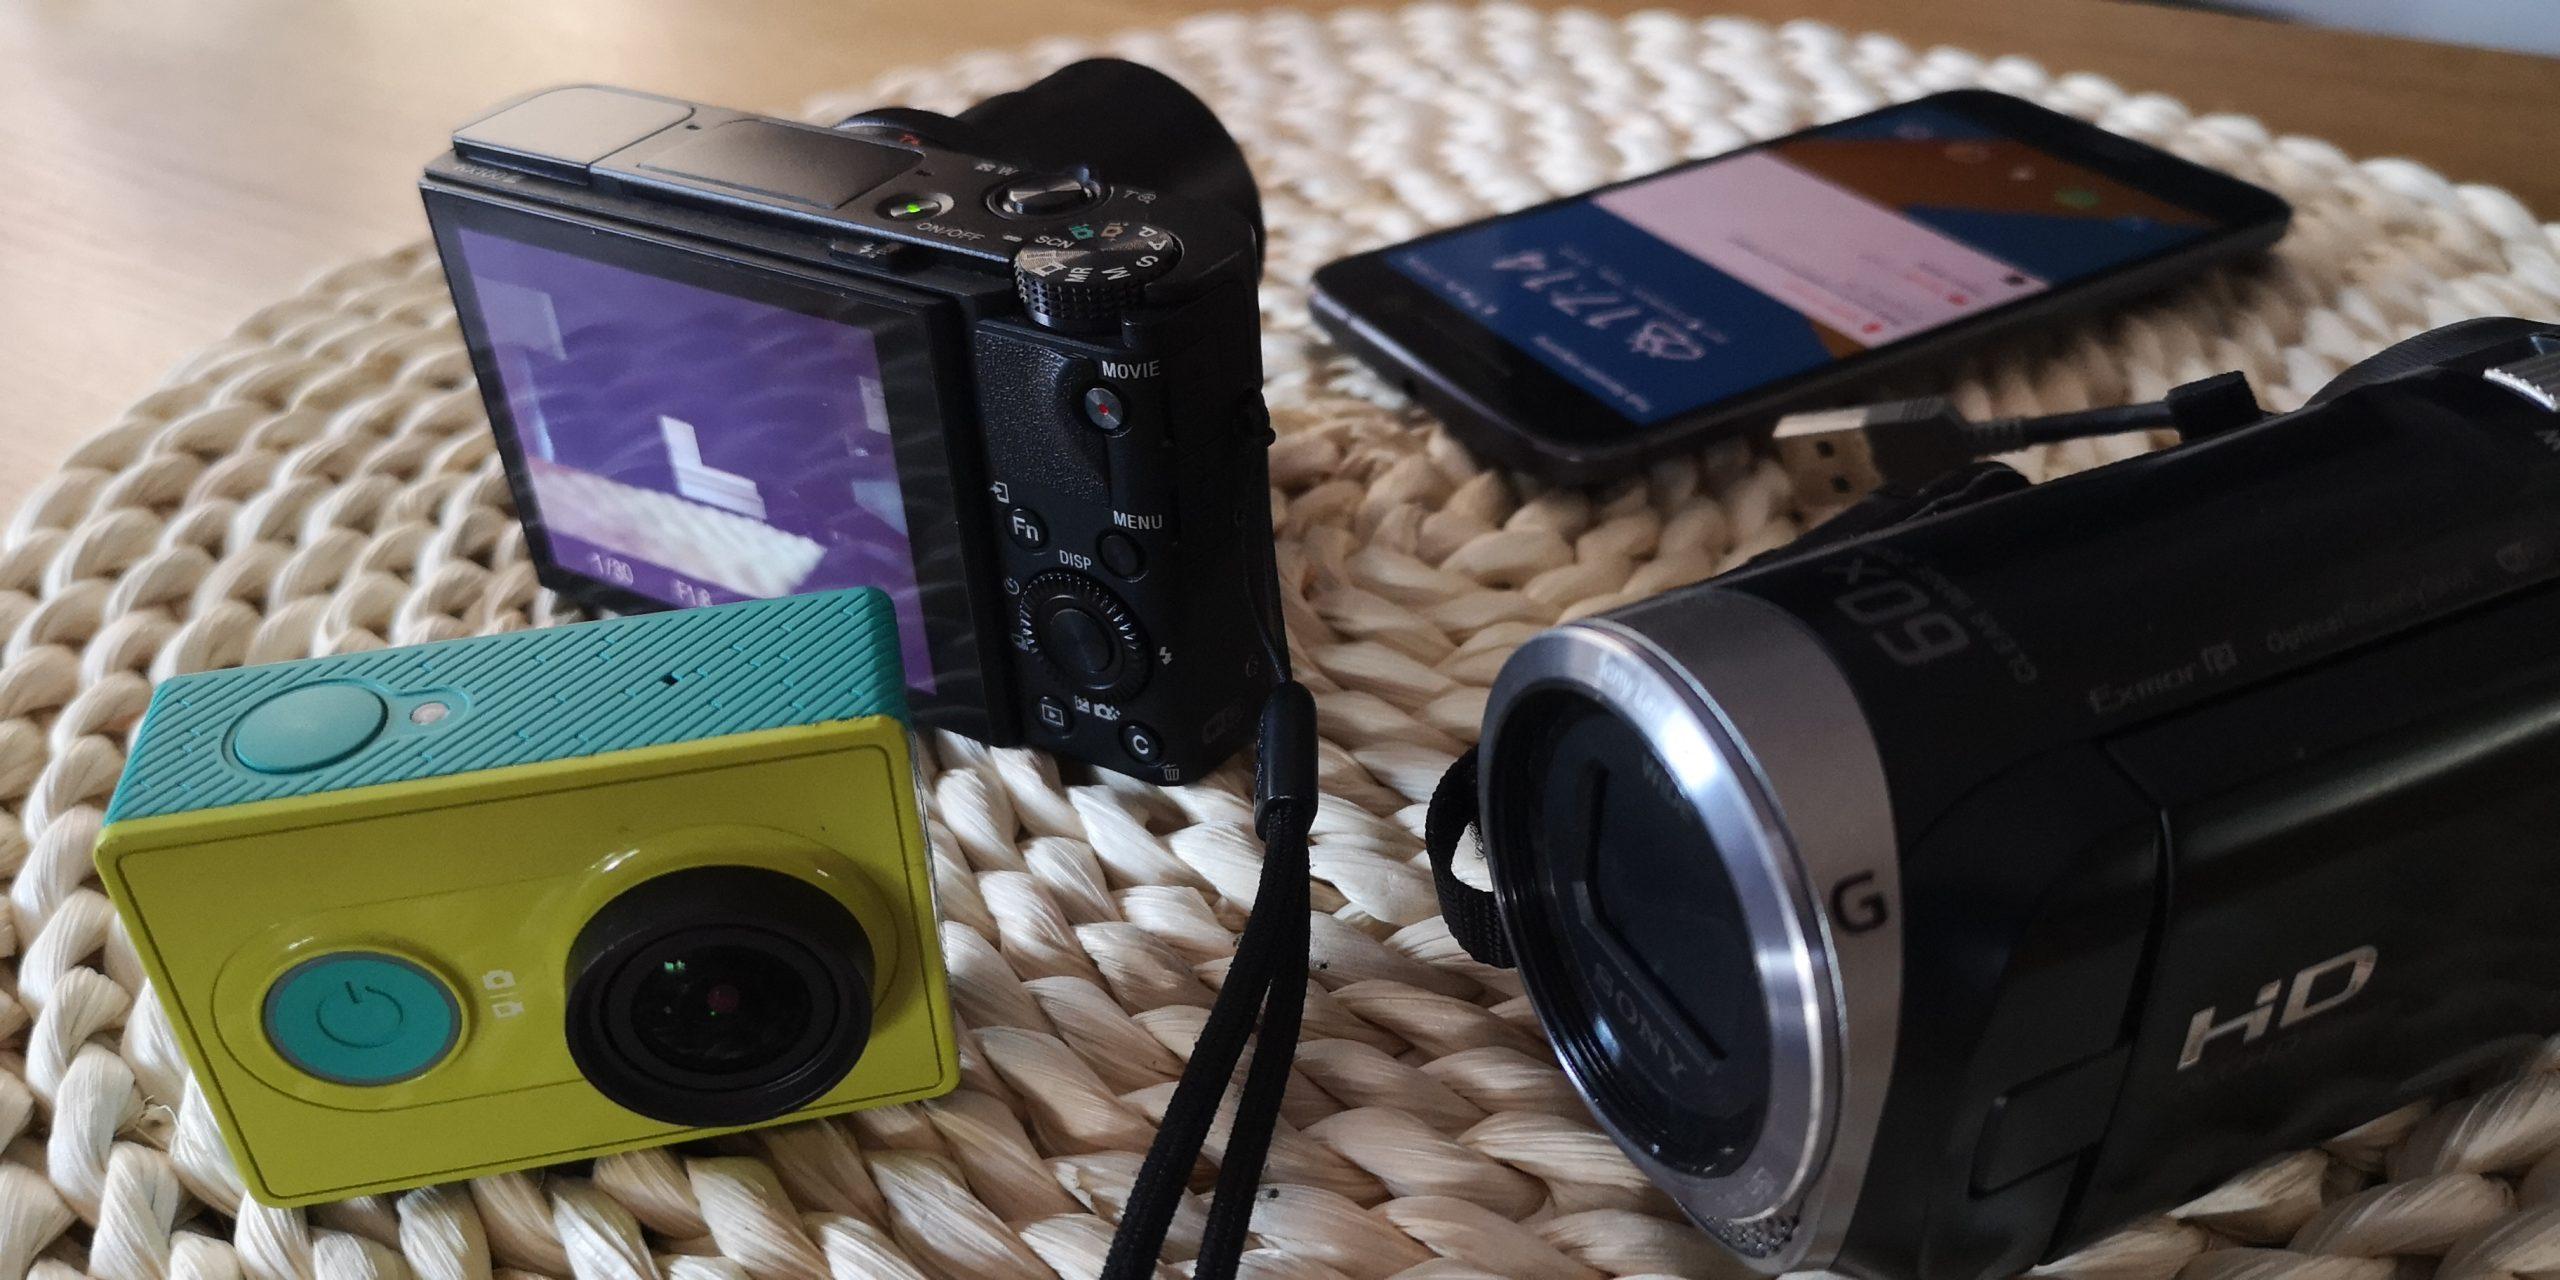 Different image sensor sizes - comparison